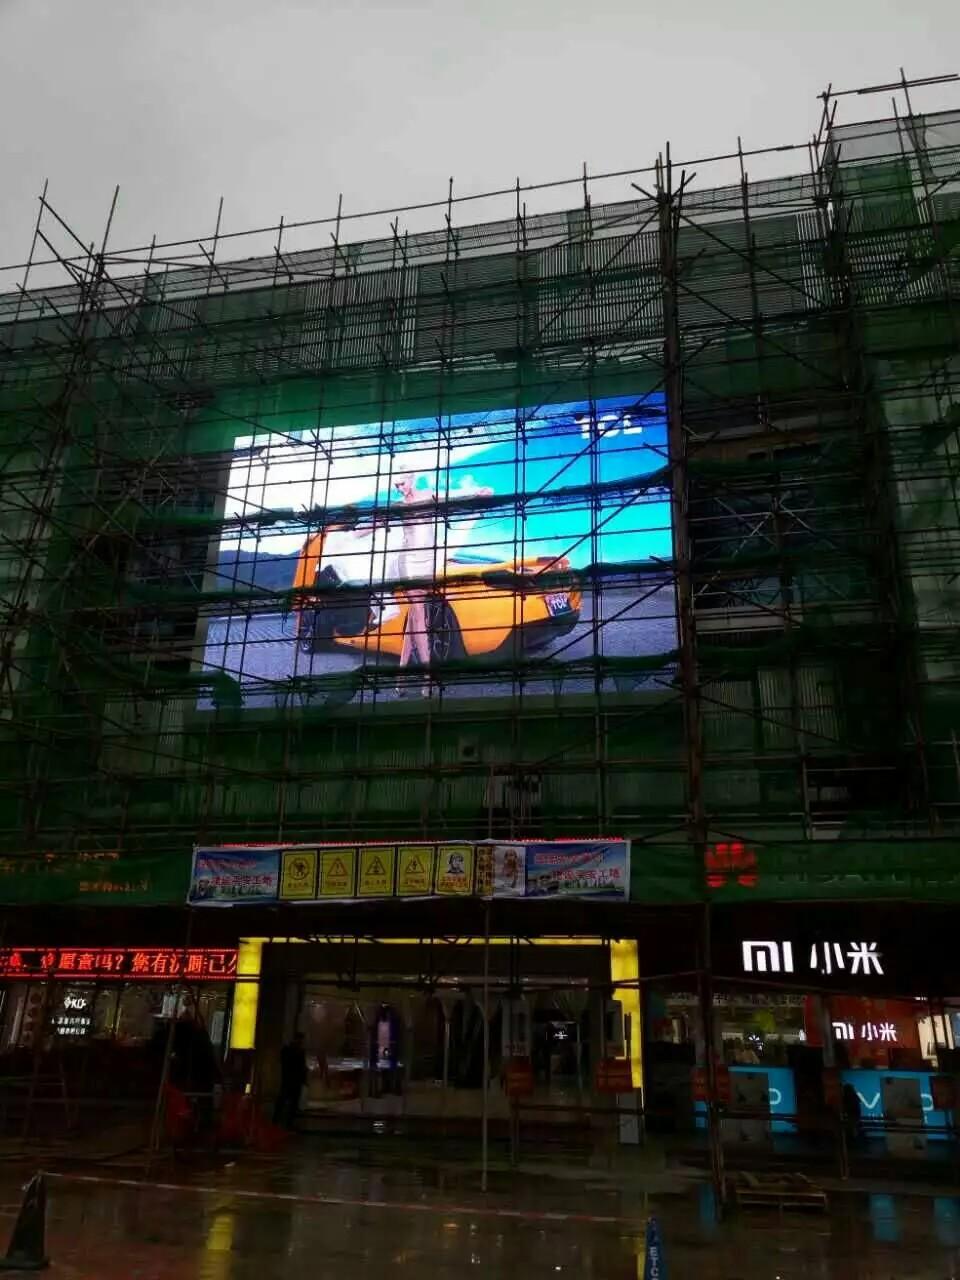 德州销售户外防雨LED大屏订制经久耐用,p3p4p5p6p8p10led显示屏